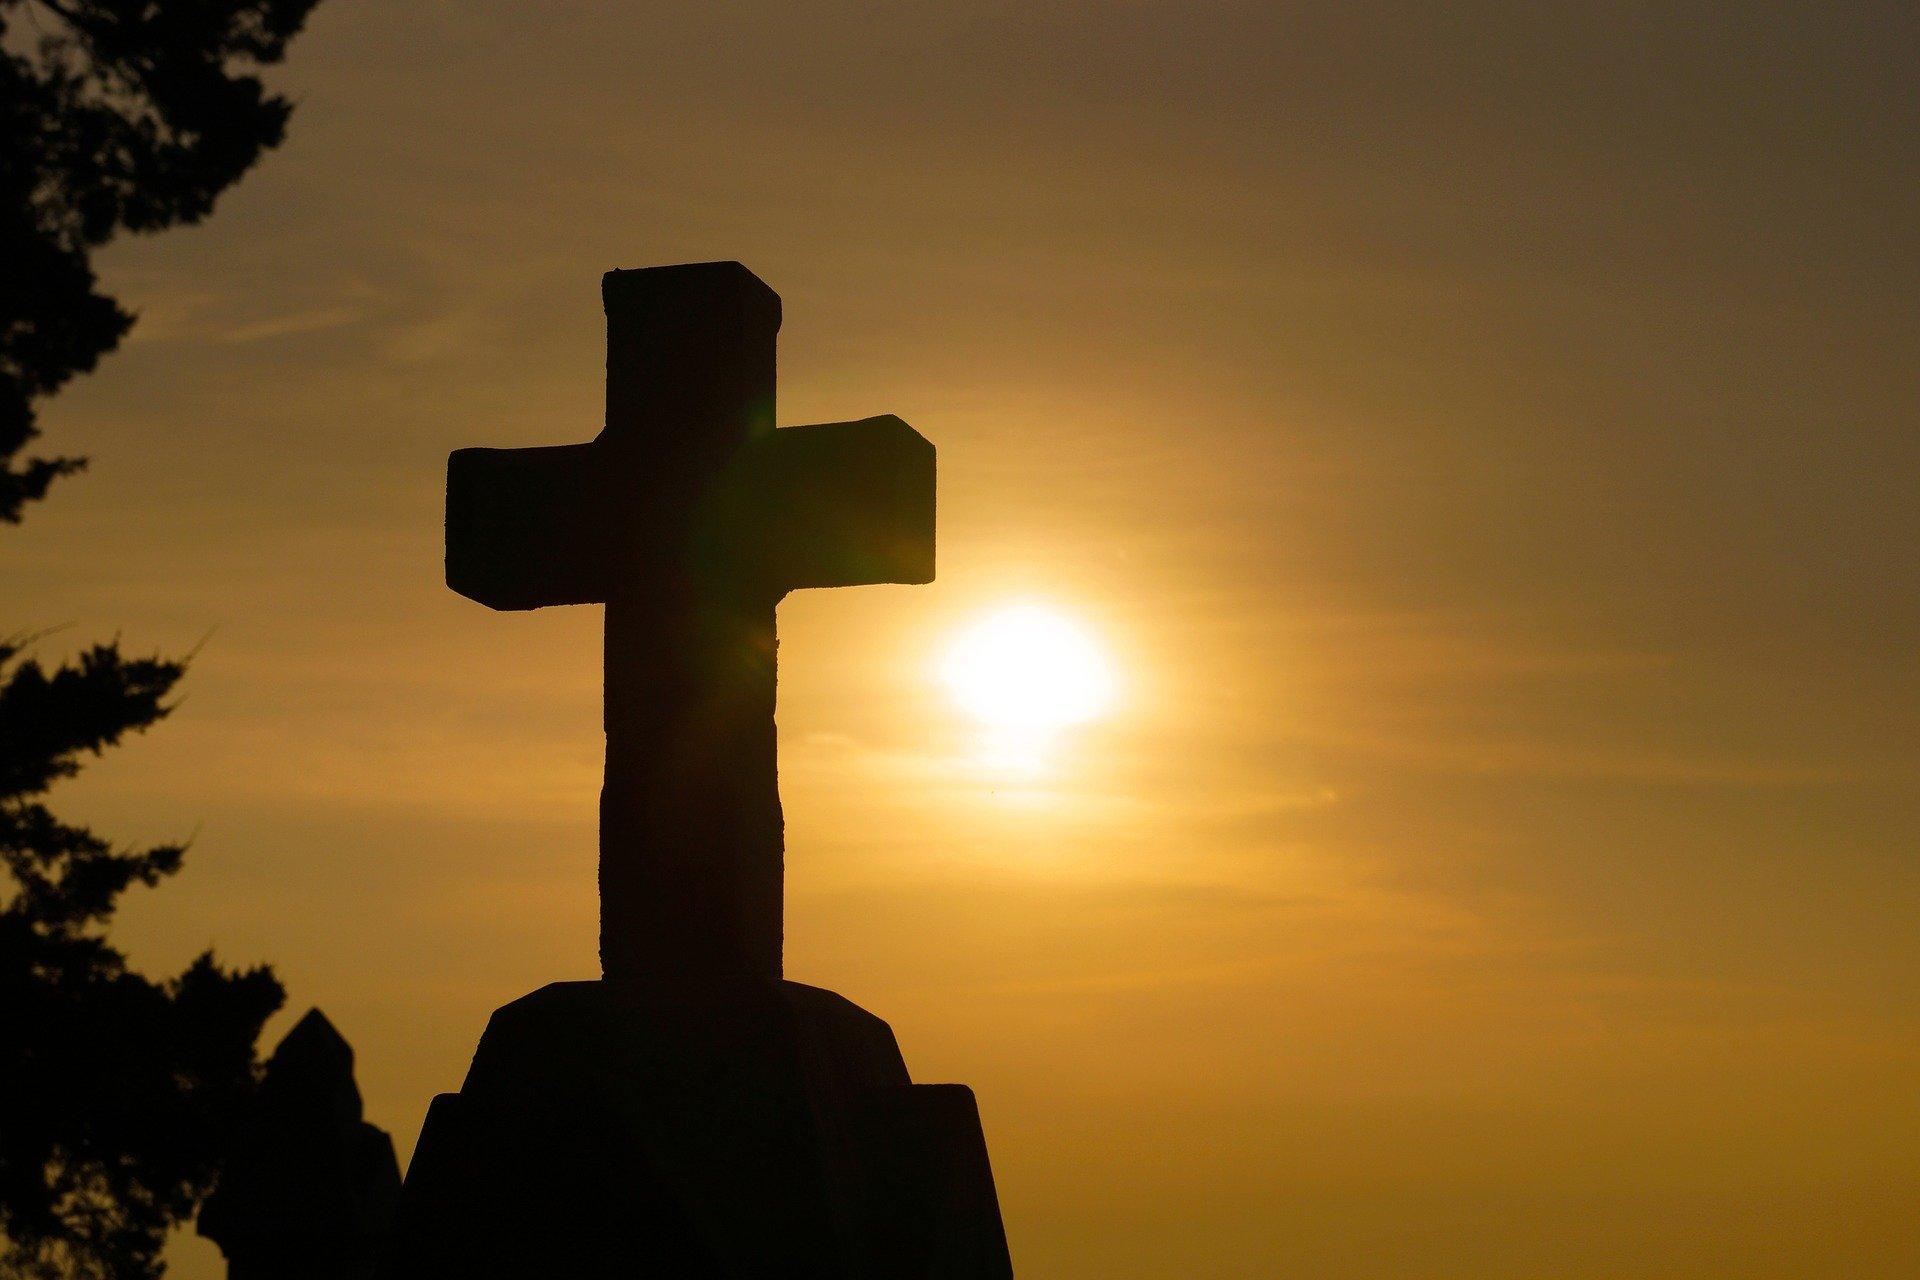 kamienny krzyż na tle słońca